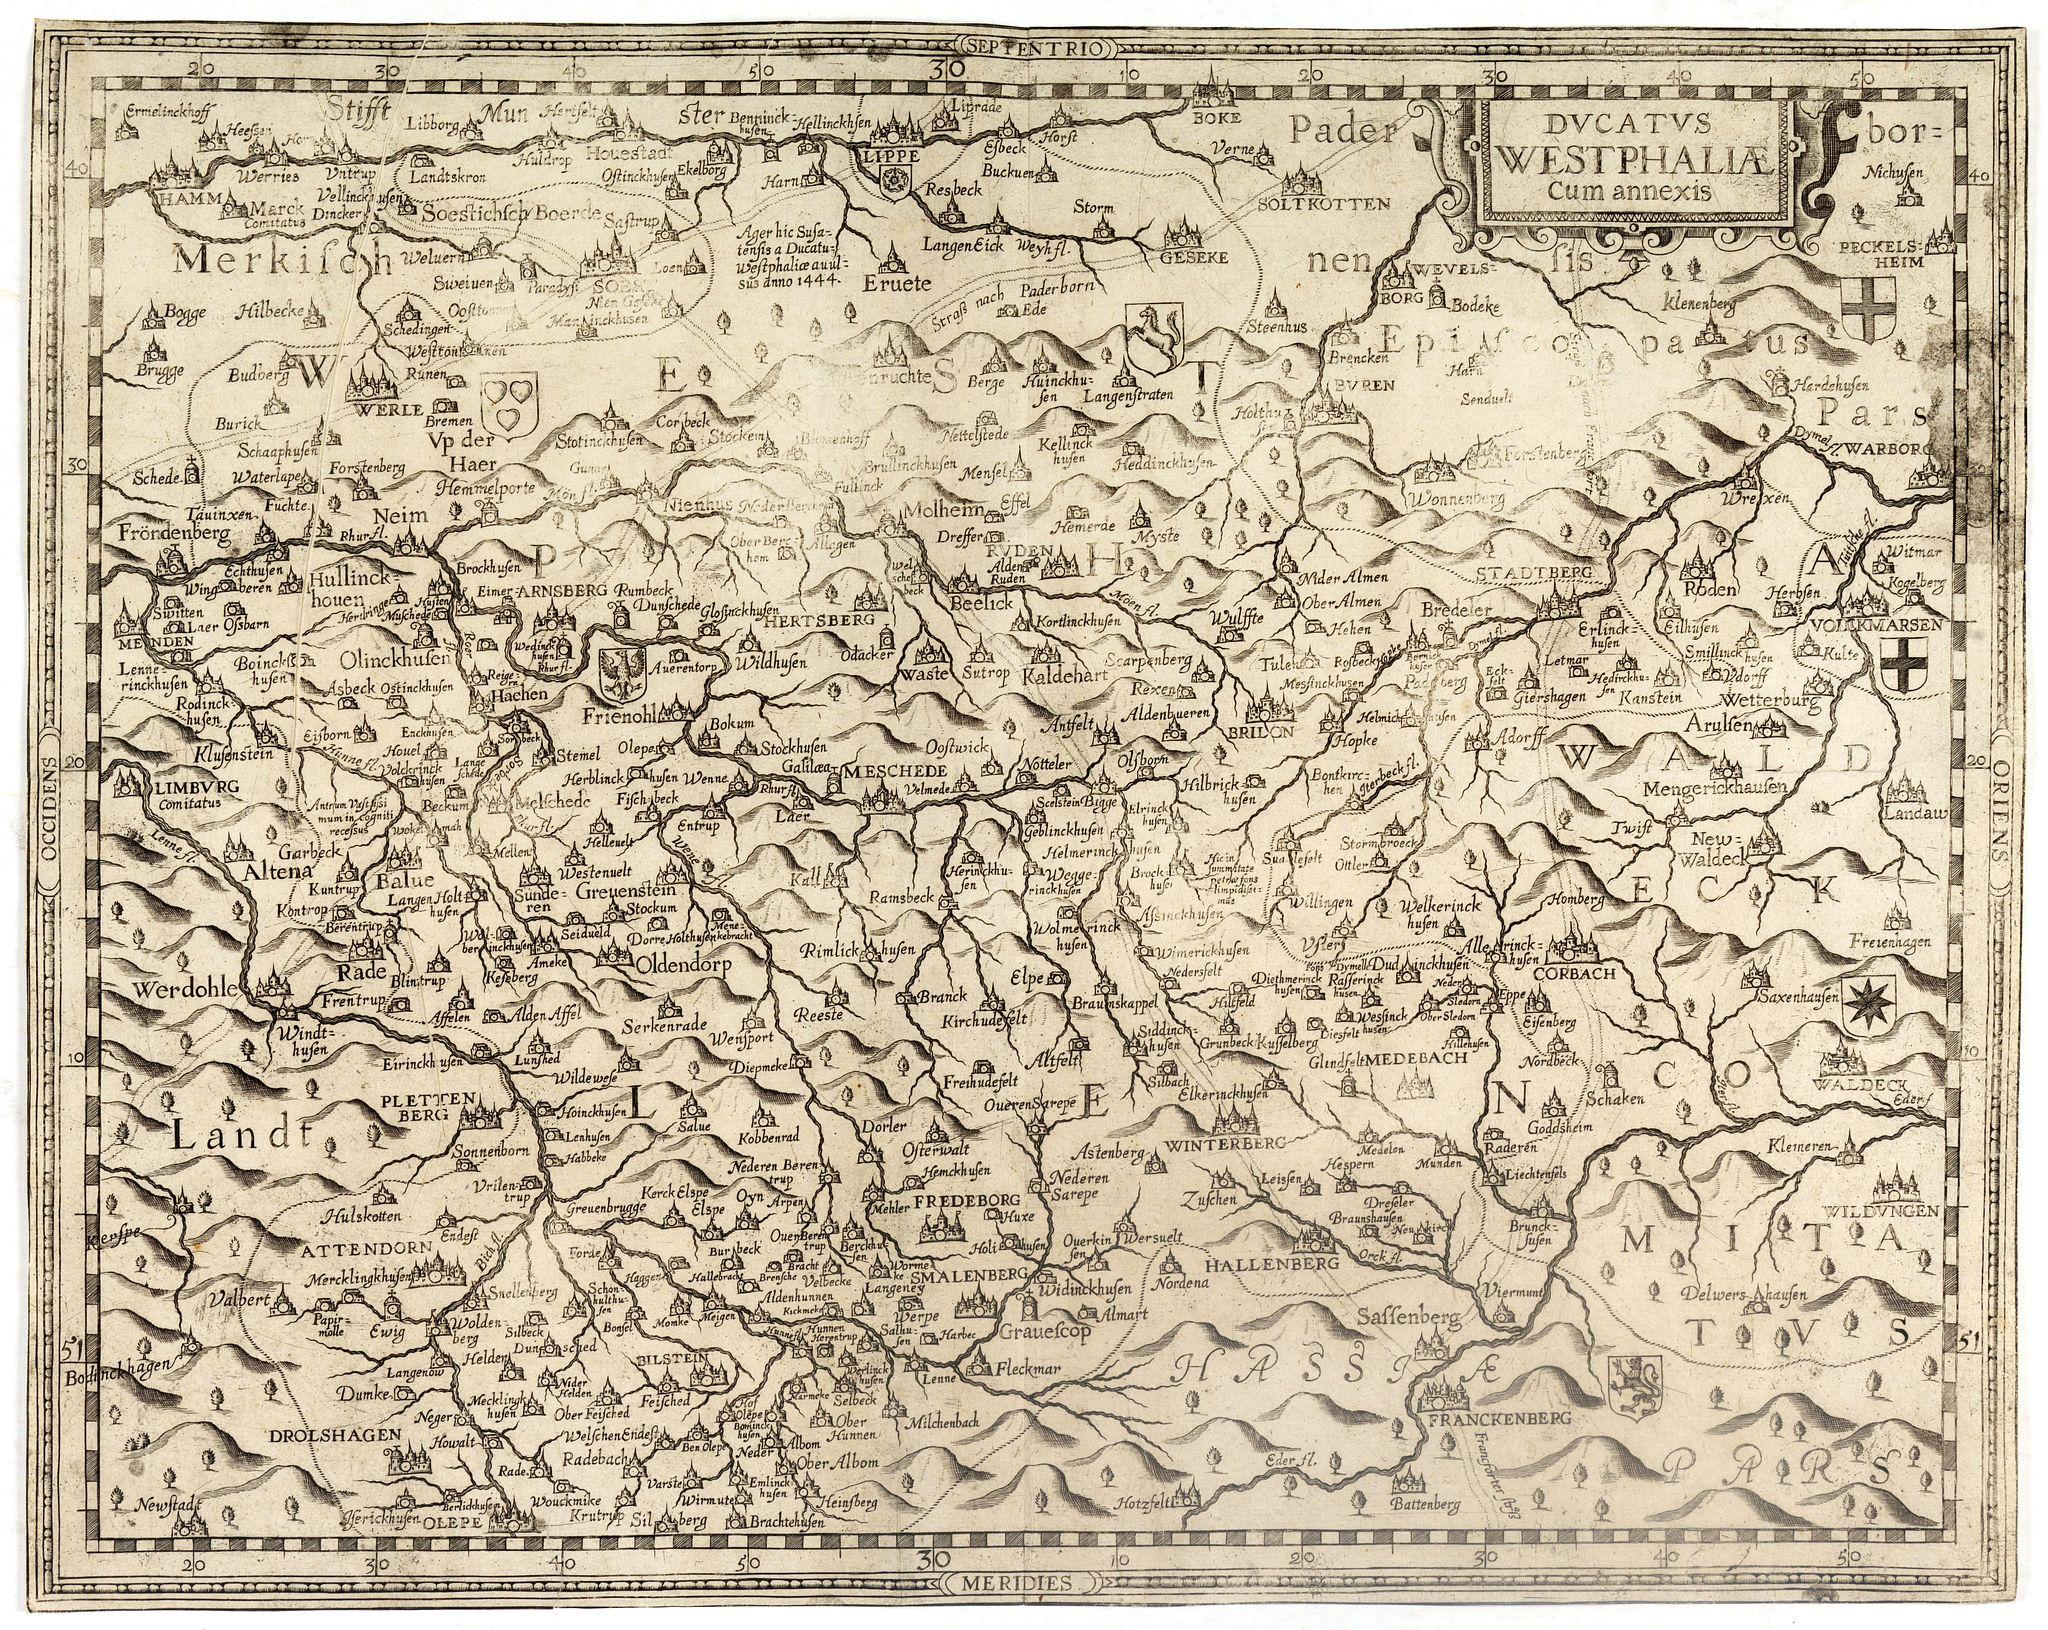 GIGAS, J. K. -  Ducatus Westphaliae Cum annexis.